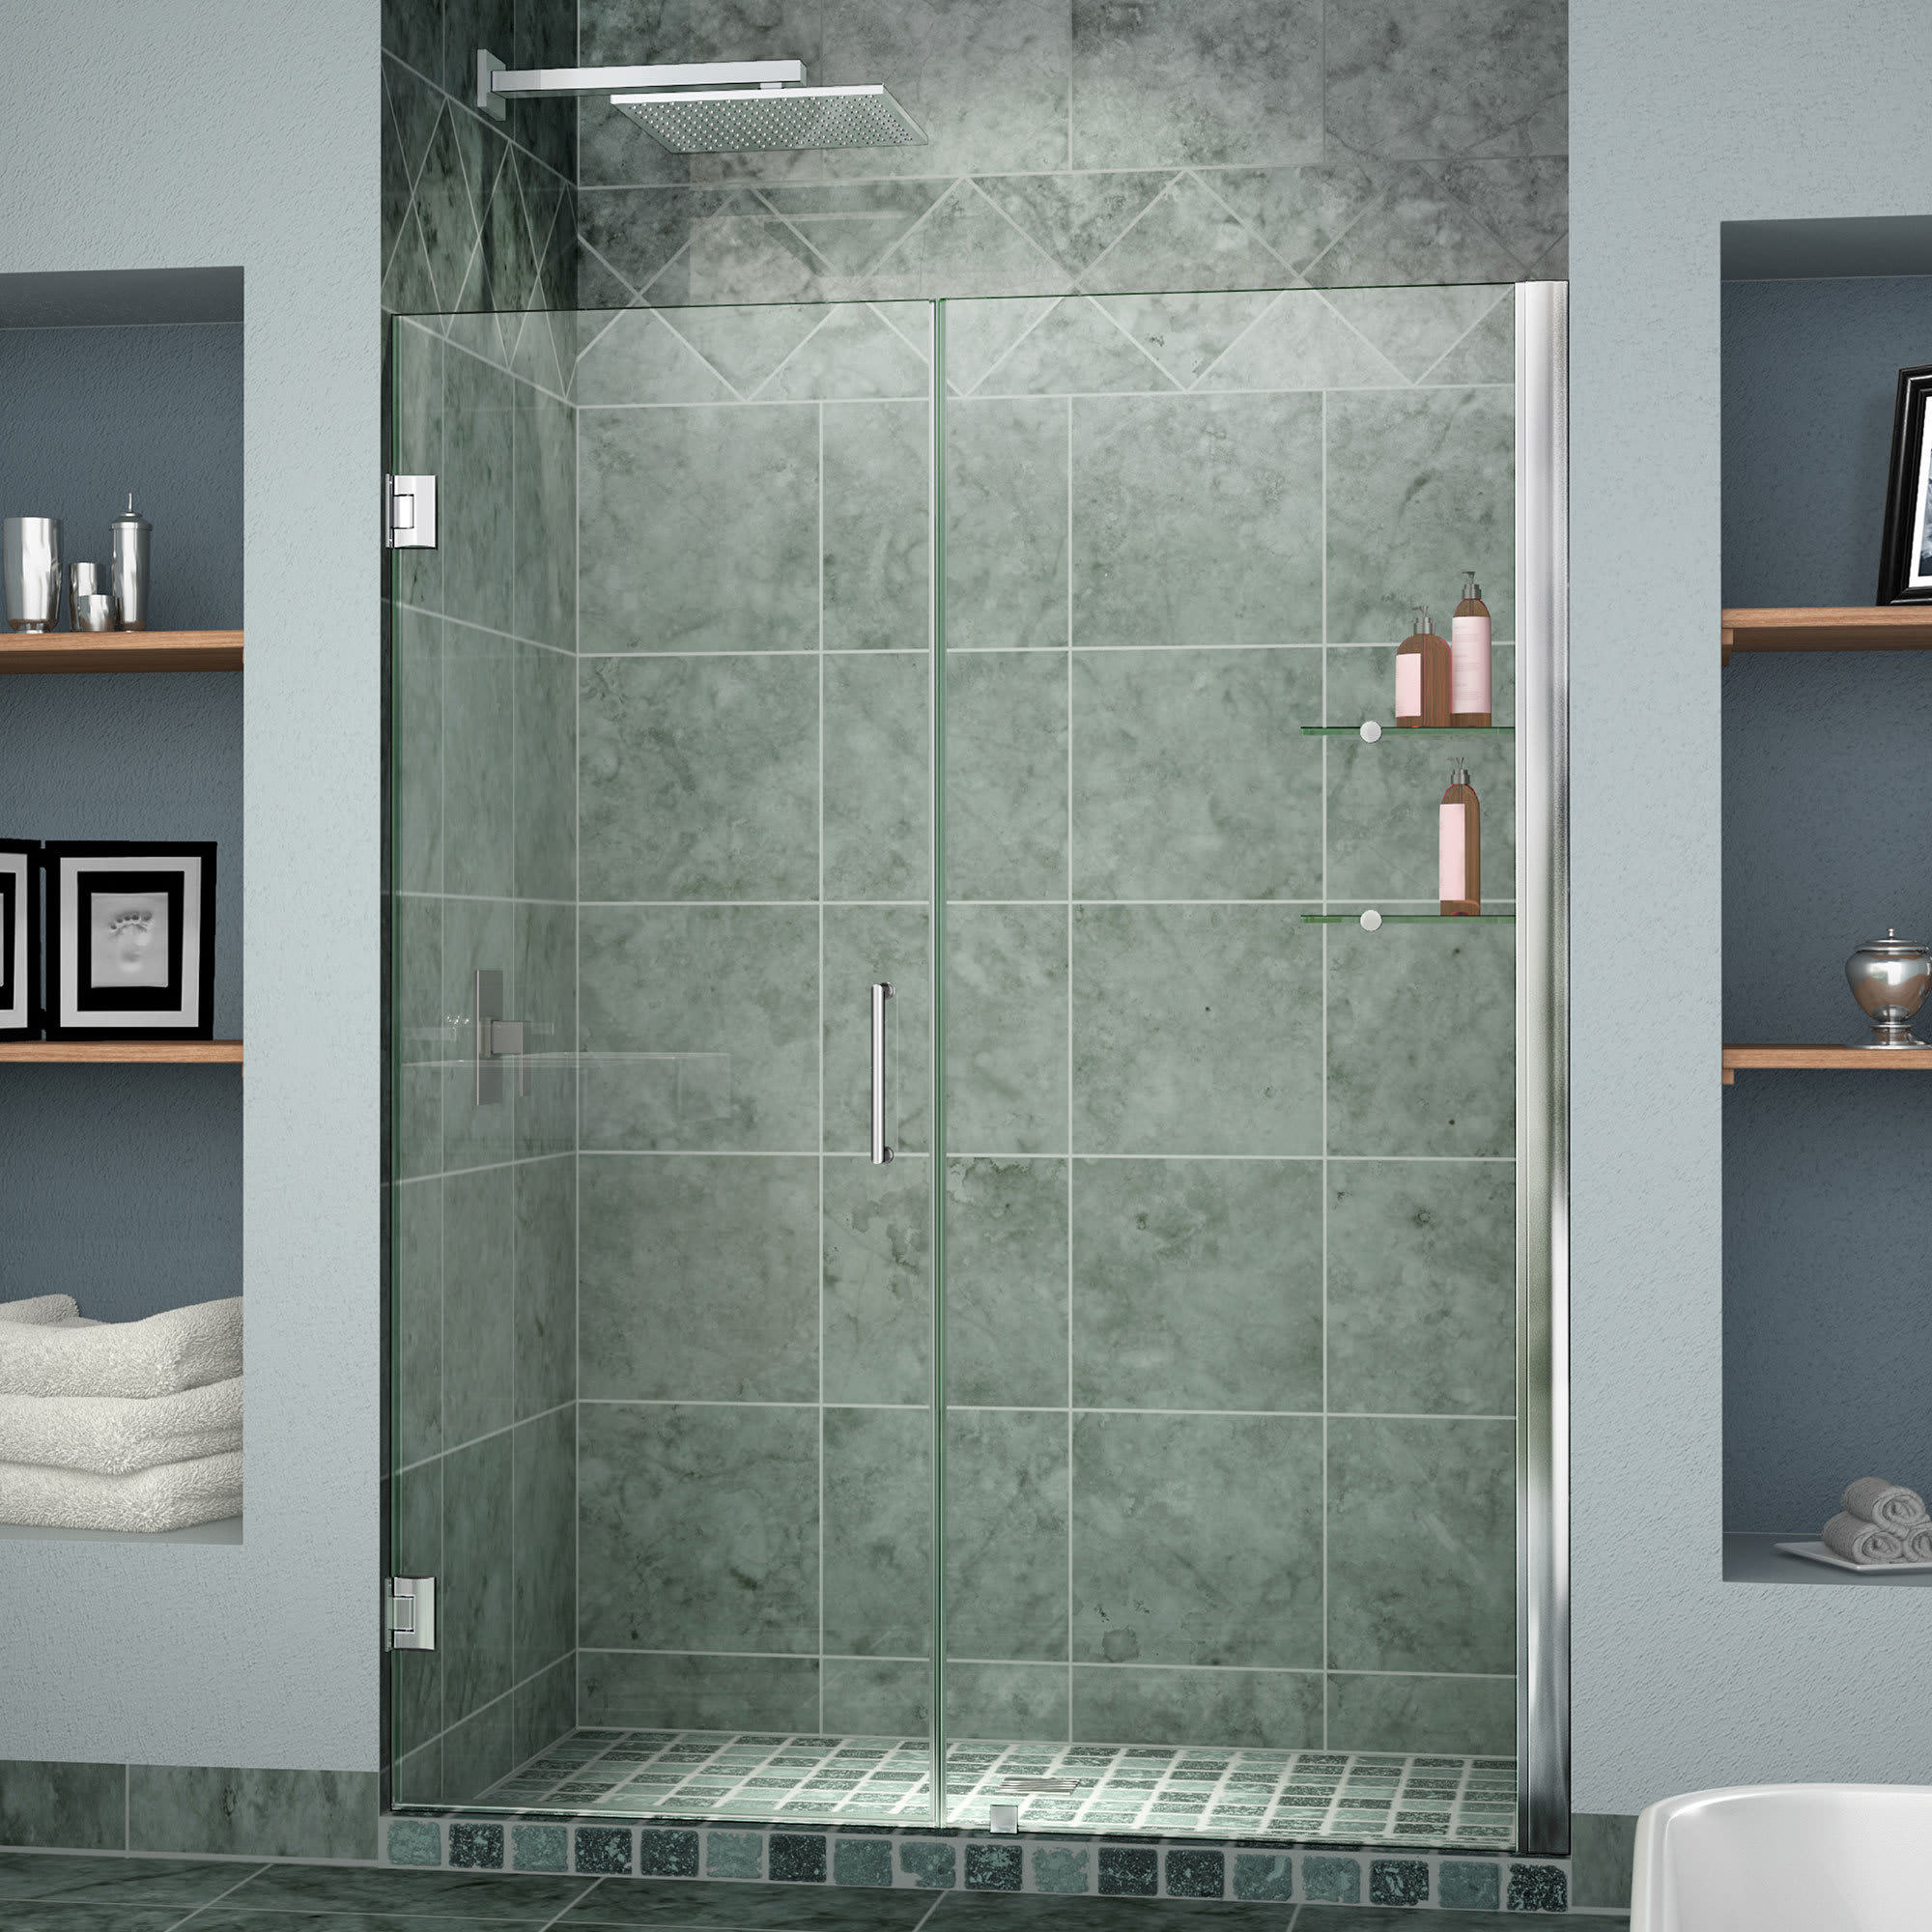 H Frameless Hinged Shower Door with Shelves in Oil Rubbed Bronze SHDR-20537210CS-06 W x 72 in DreamLine Unidoor 53-54 in